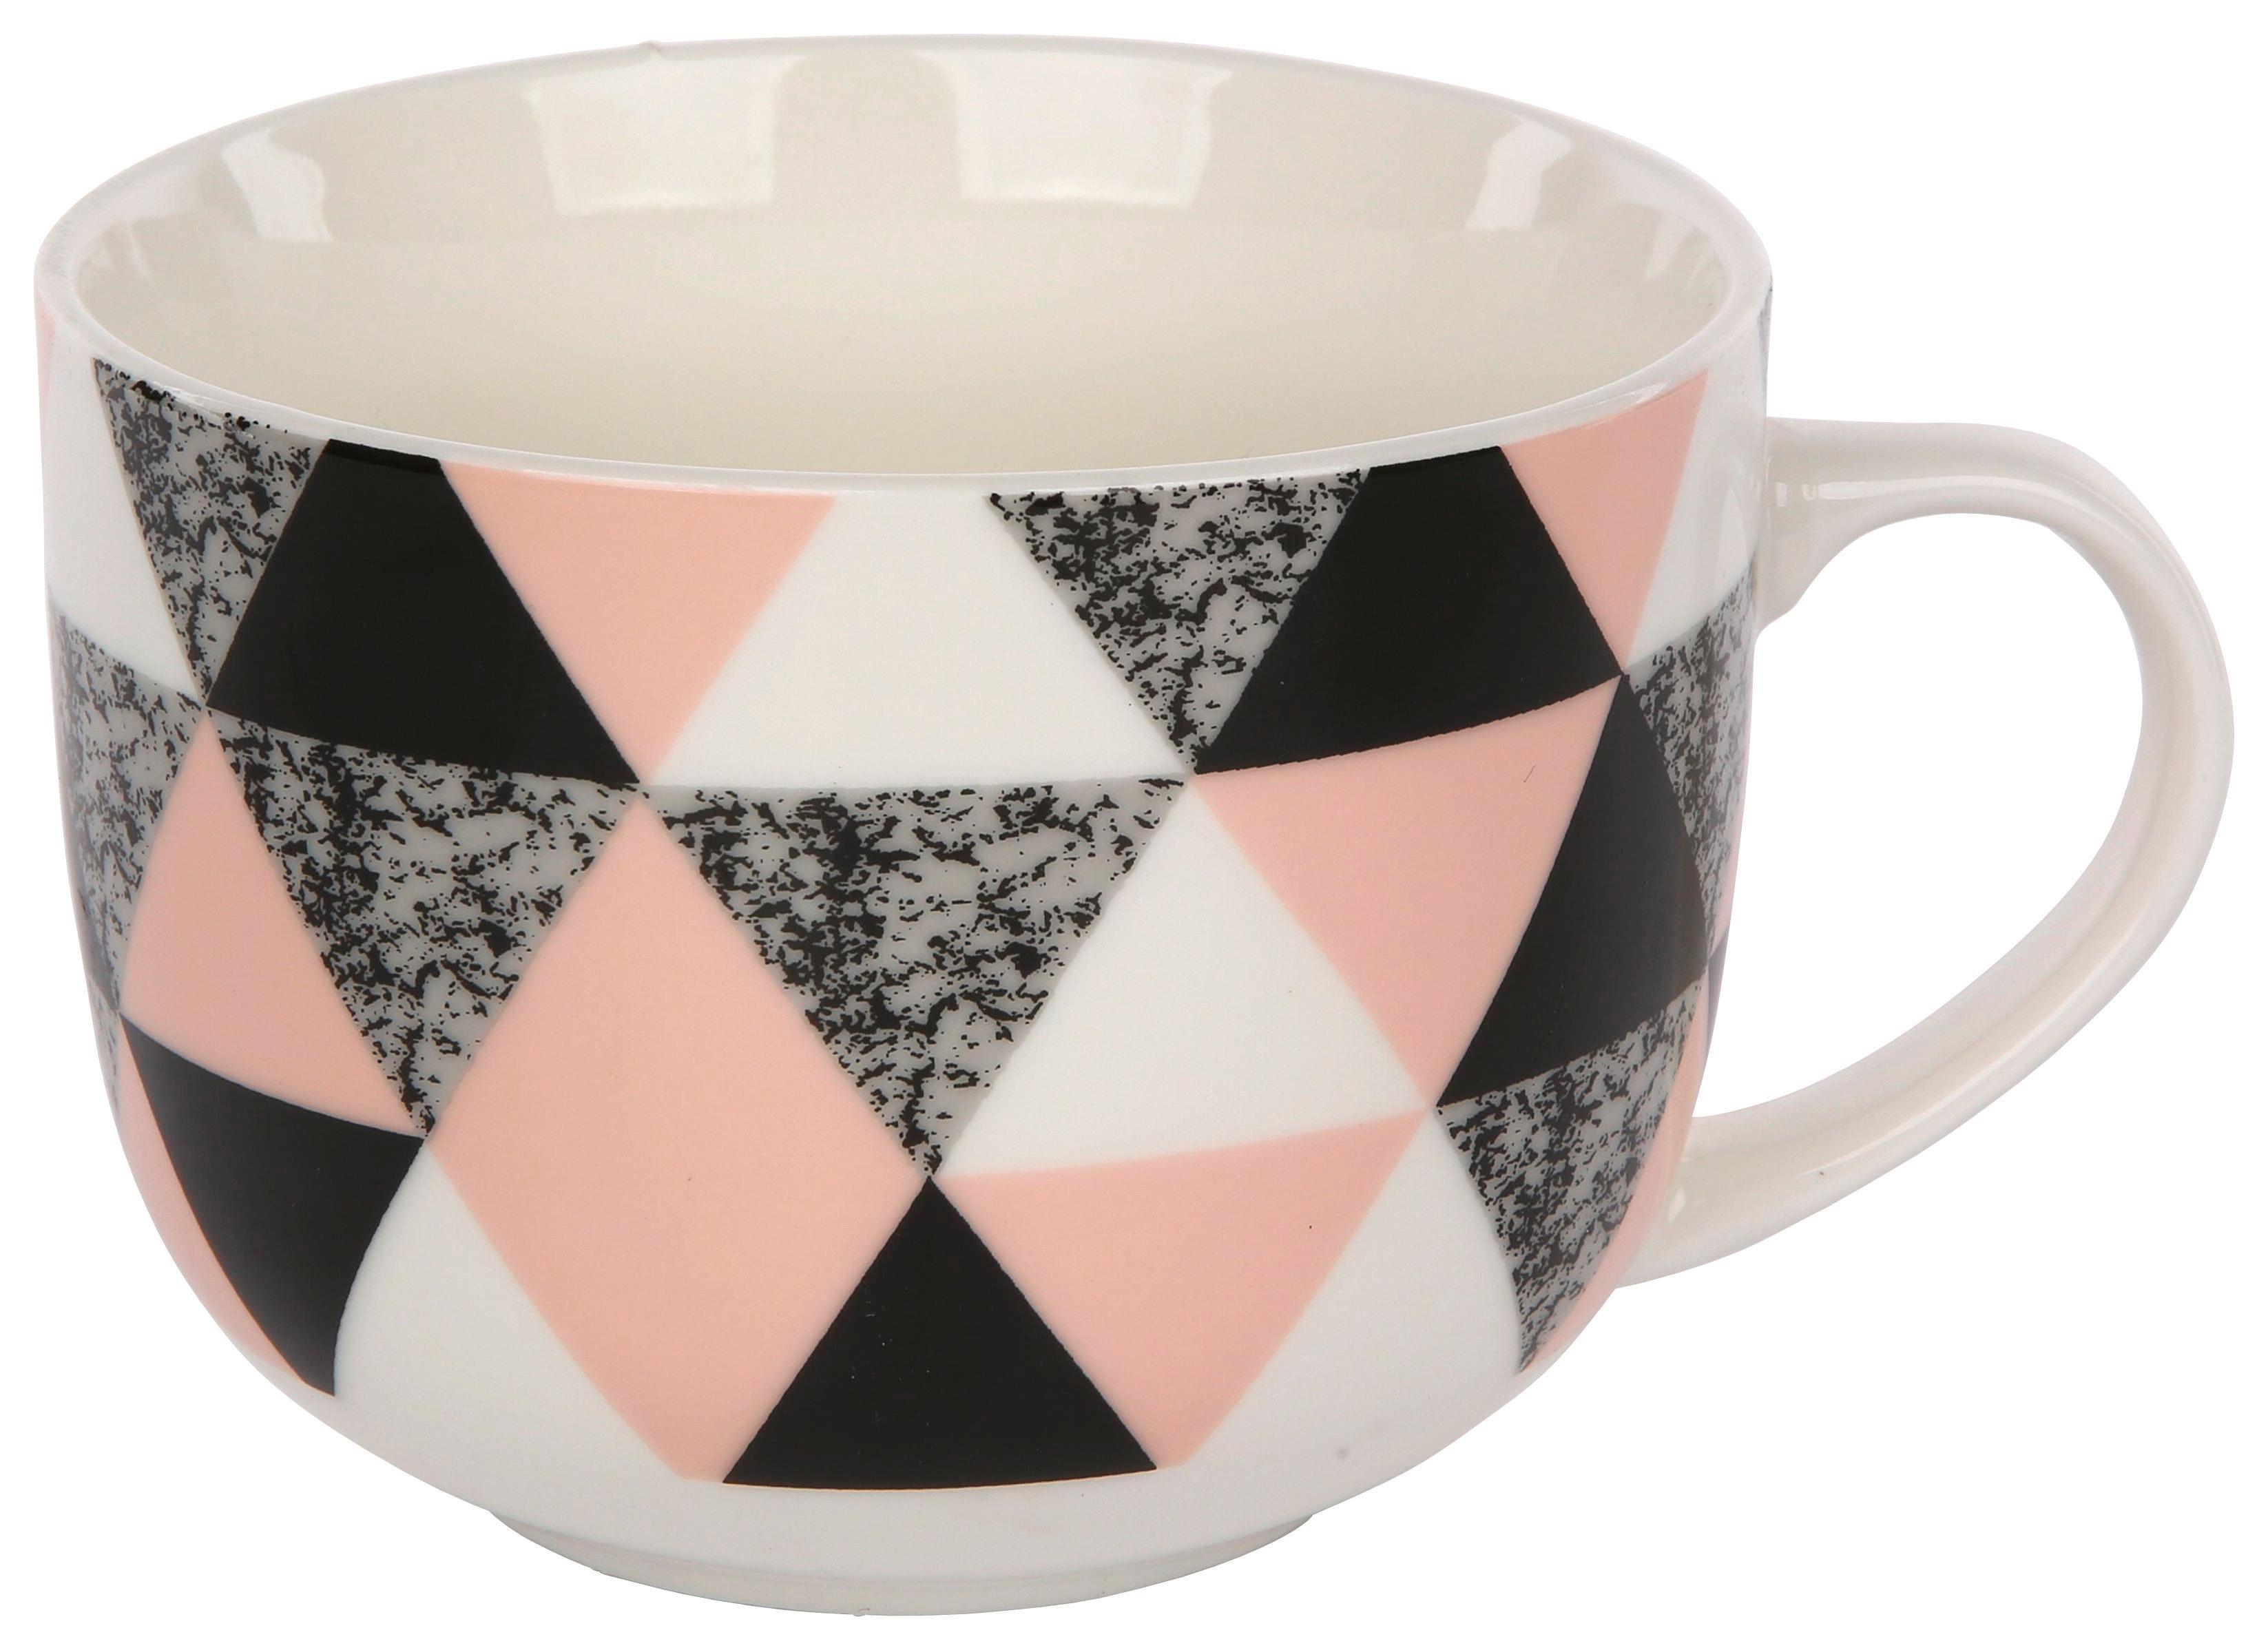 Velika Skodelica Hello Jumbo - večbarvno, keramika (0,49l)